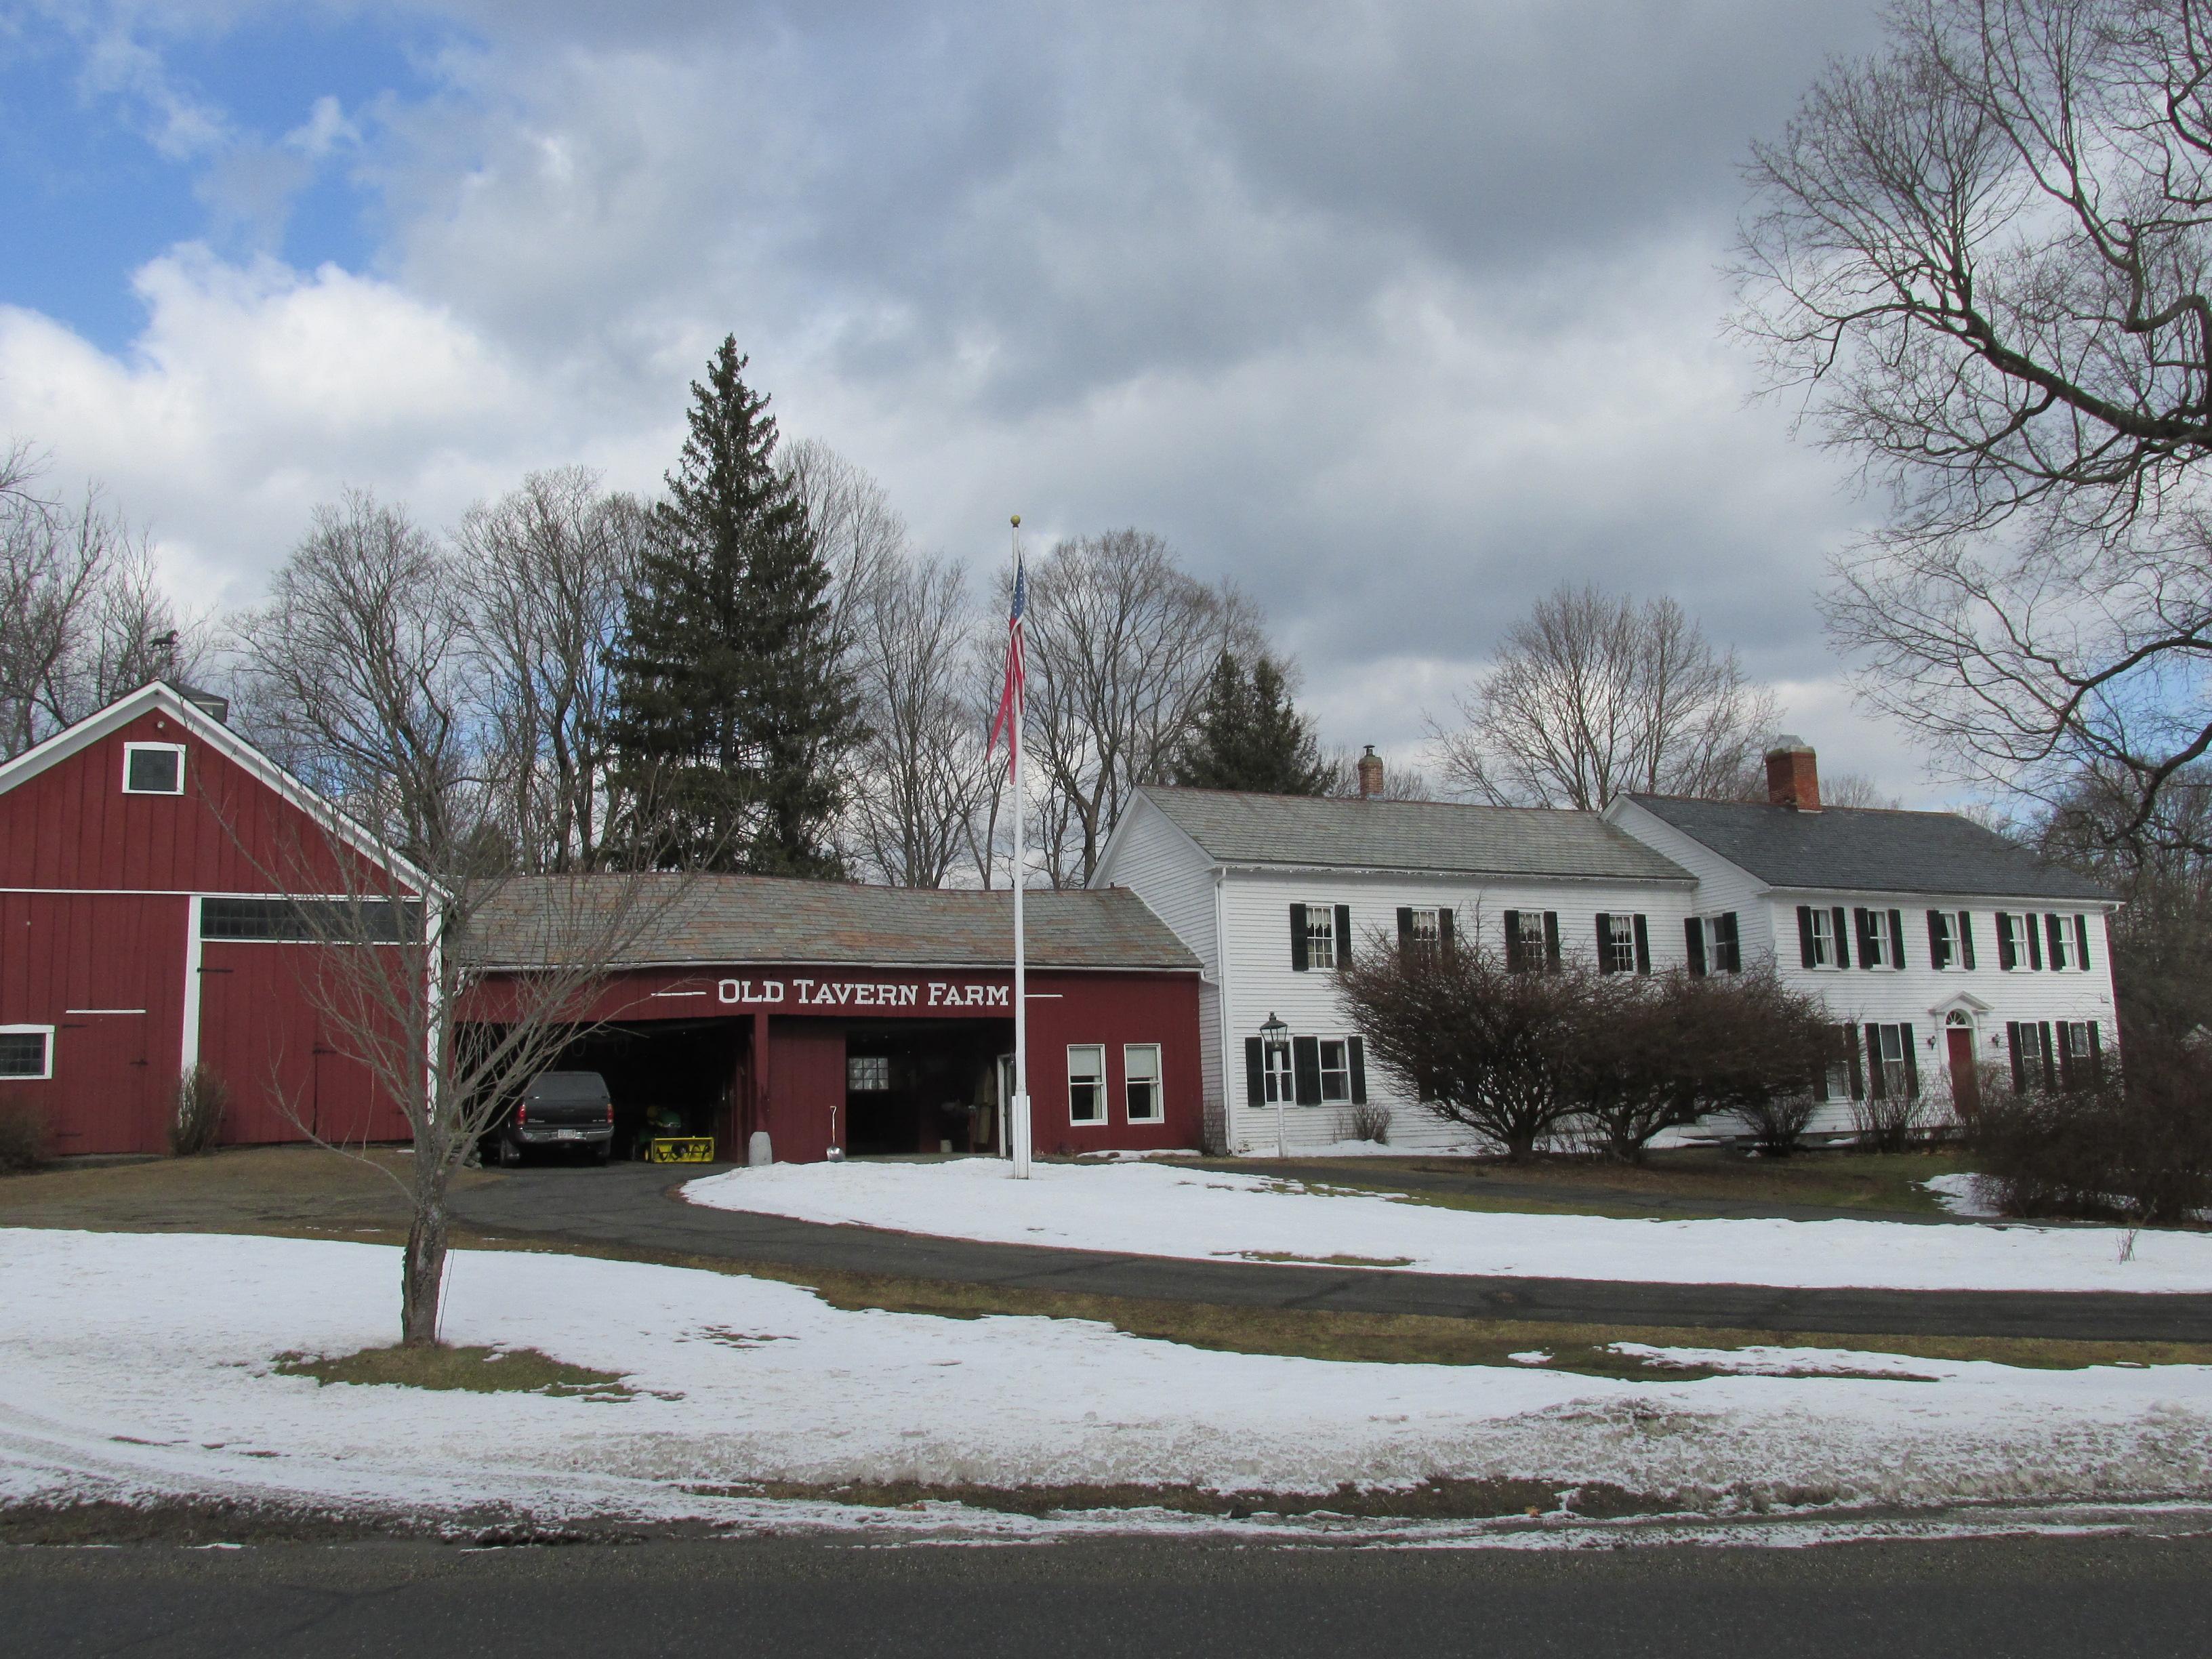 Old Tavern Farm Wikipedia